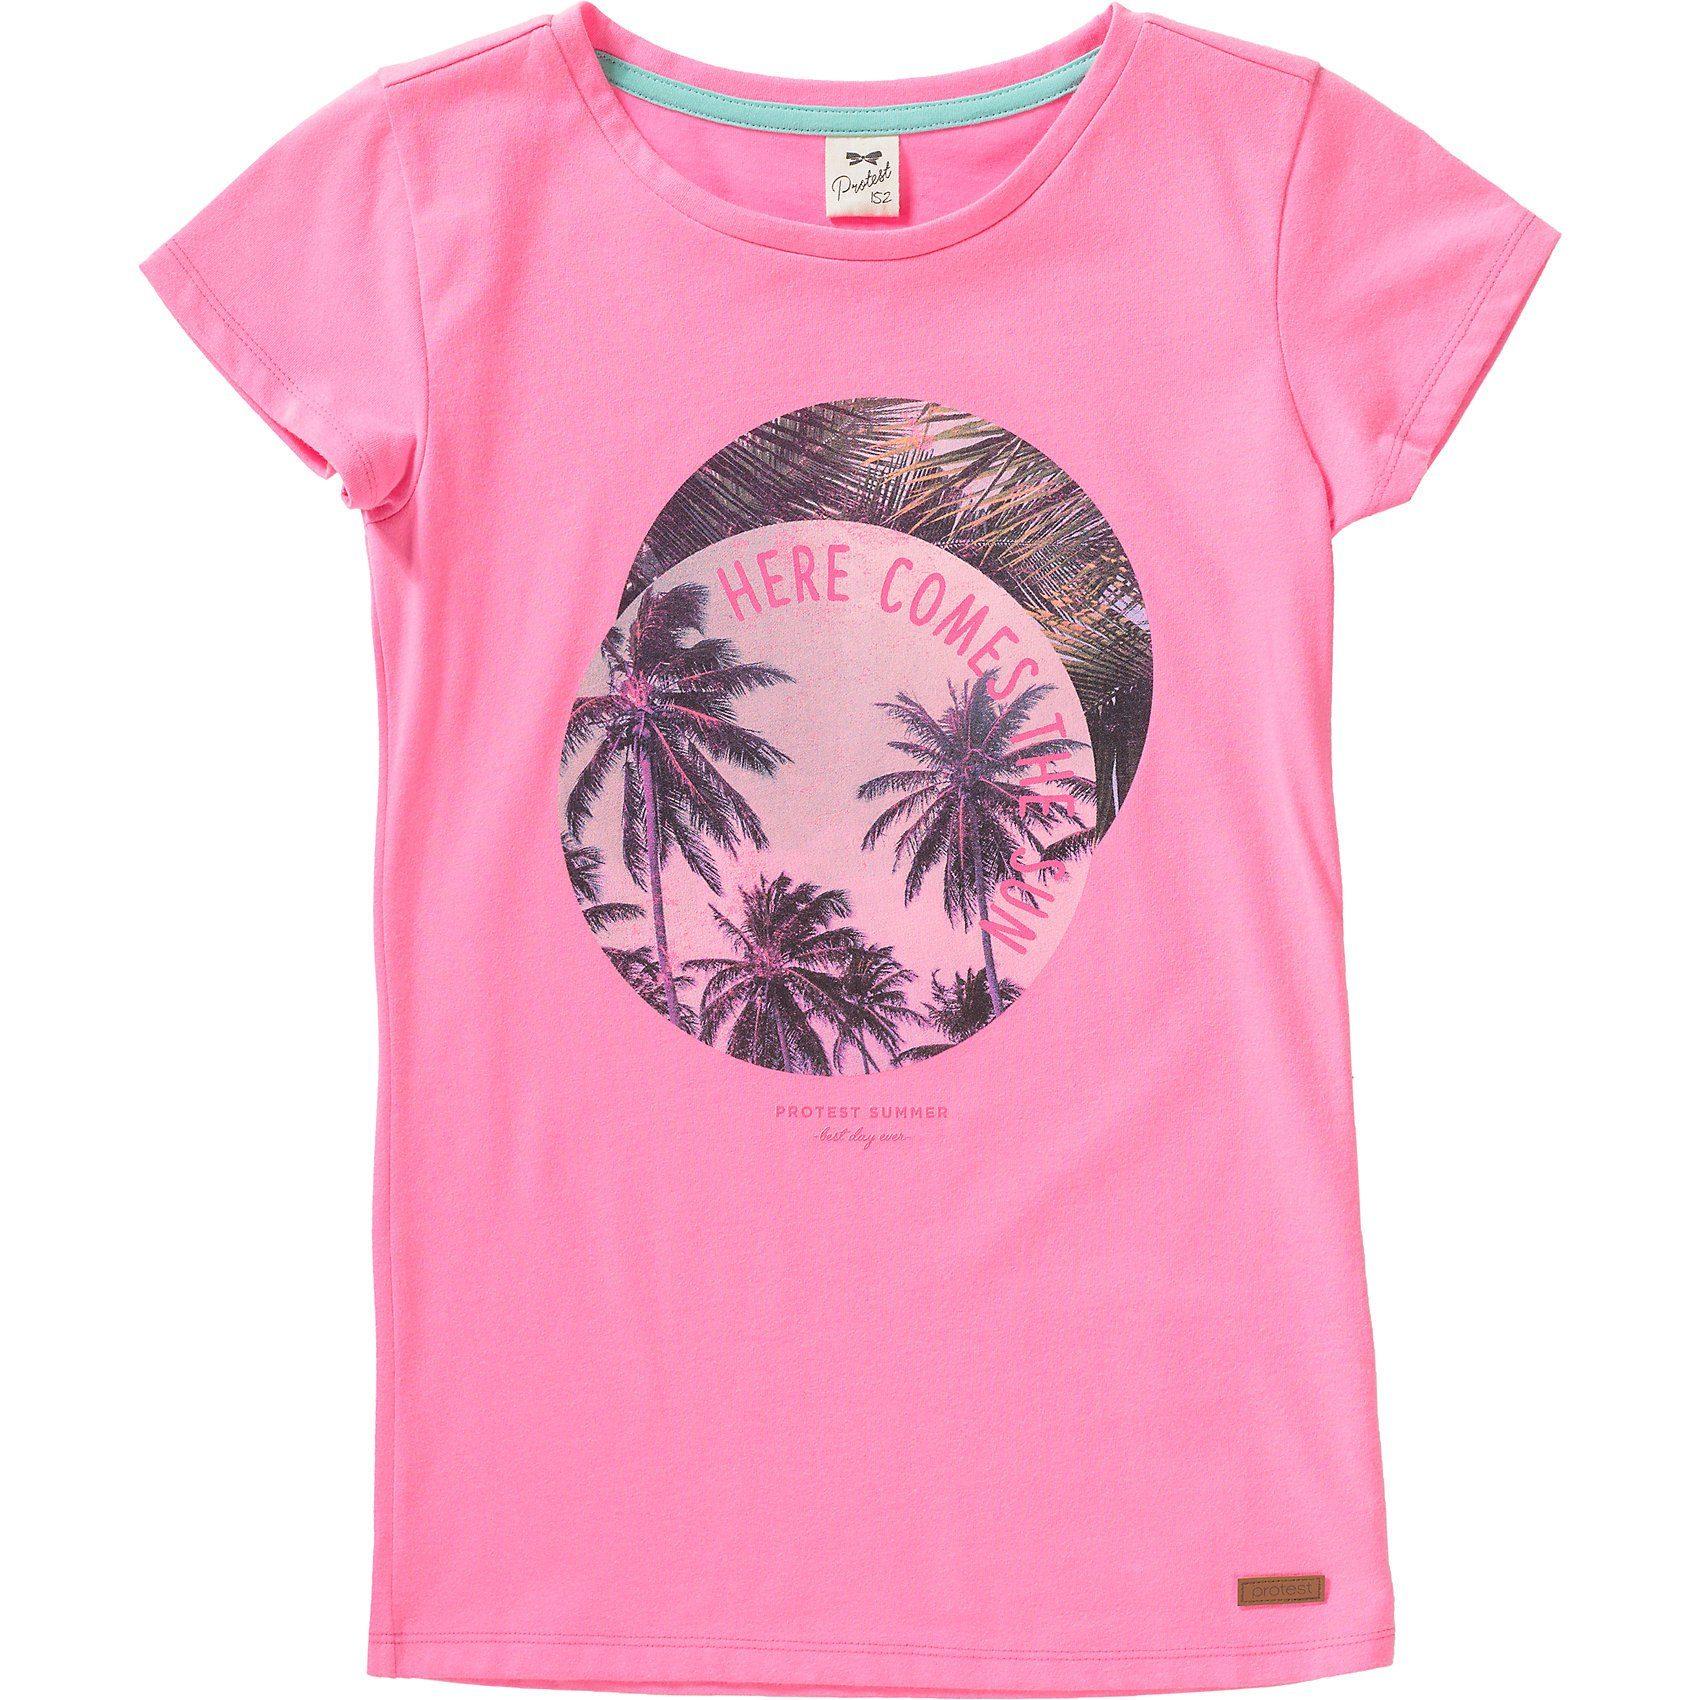 Damen,  Mädchen,  Kinder Protest T-Shirt APPLE für Mädchen rosa   08718025774753